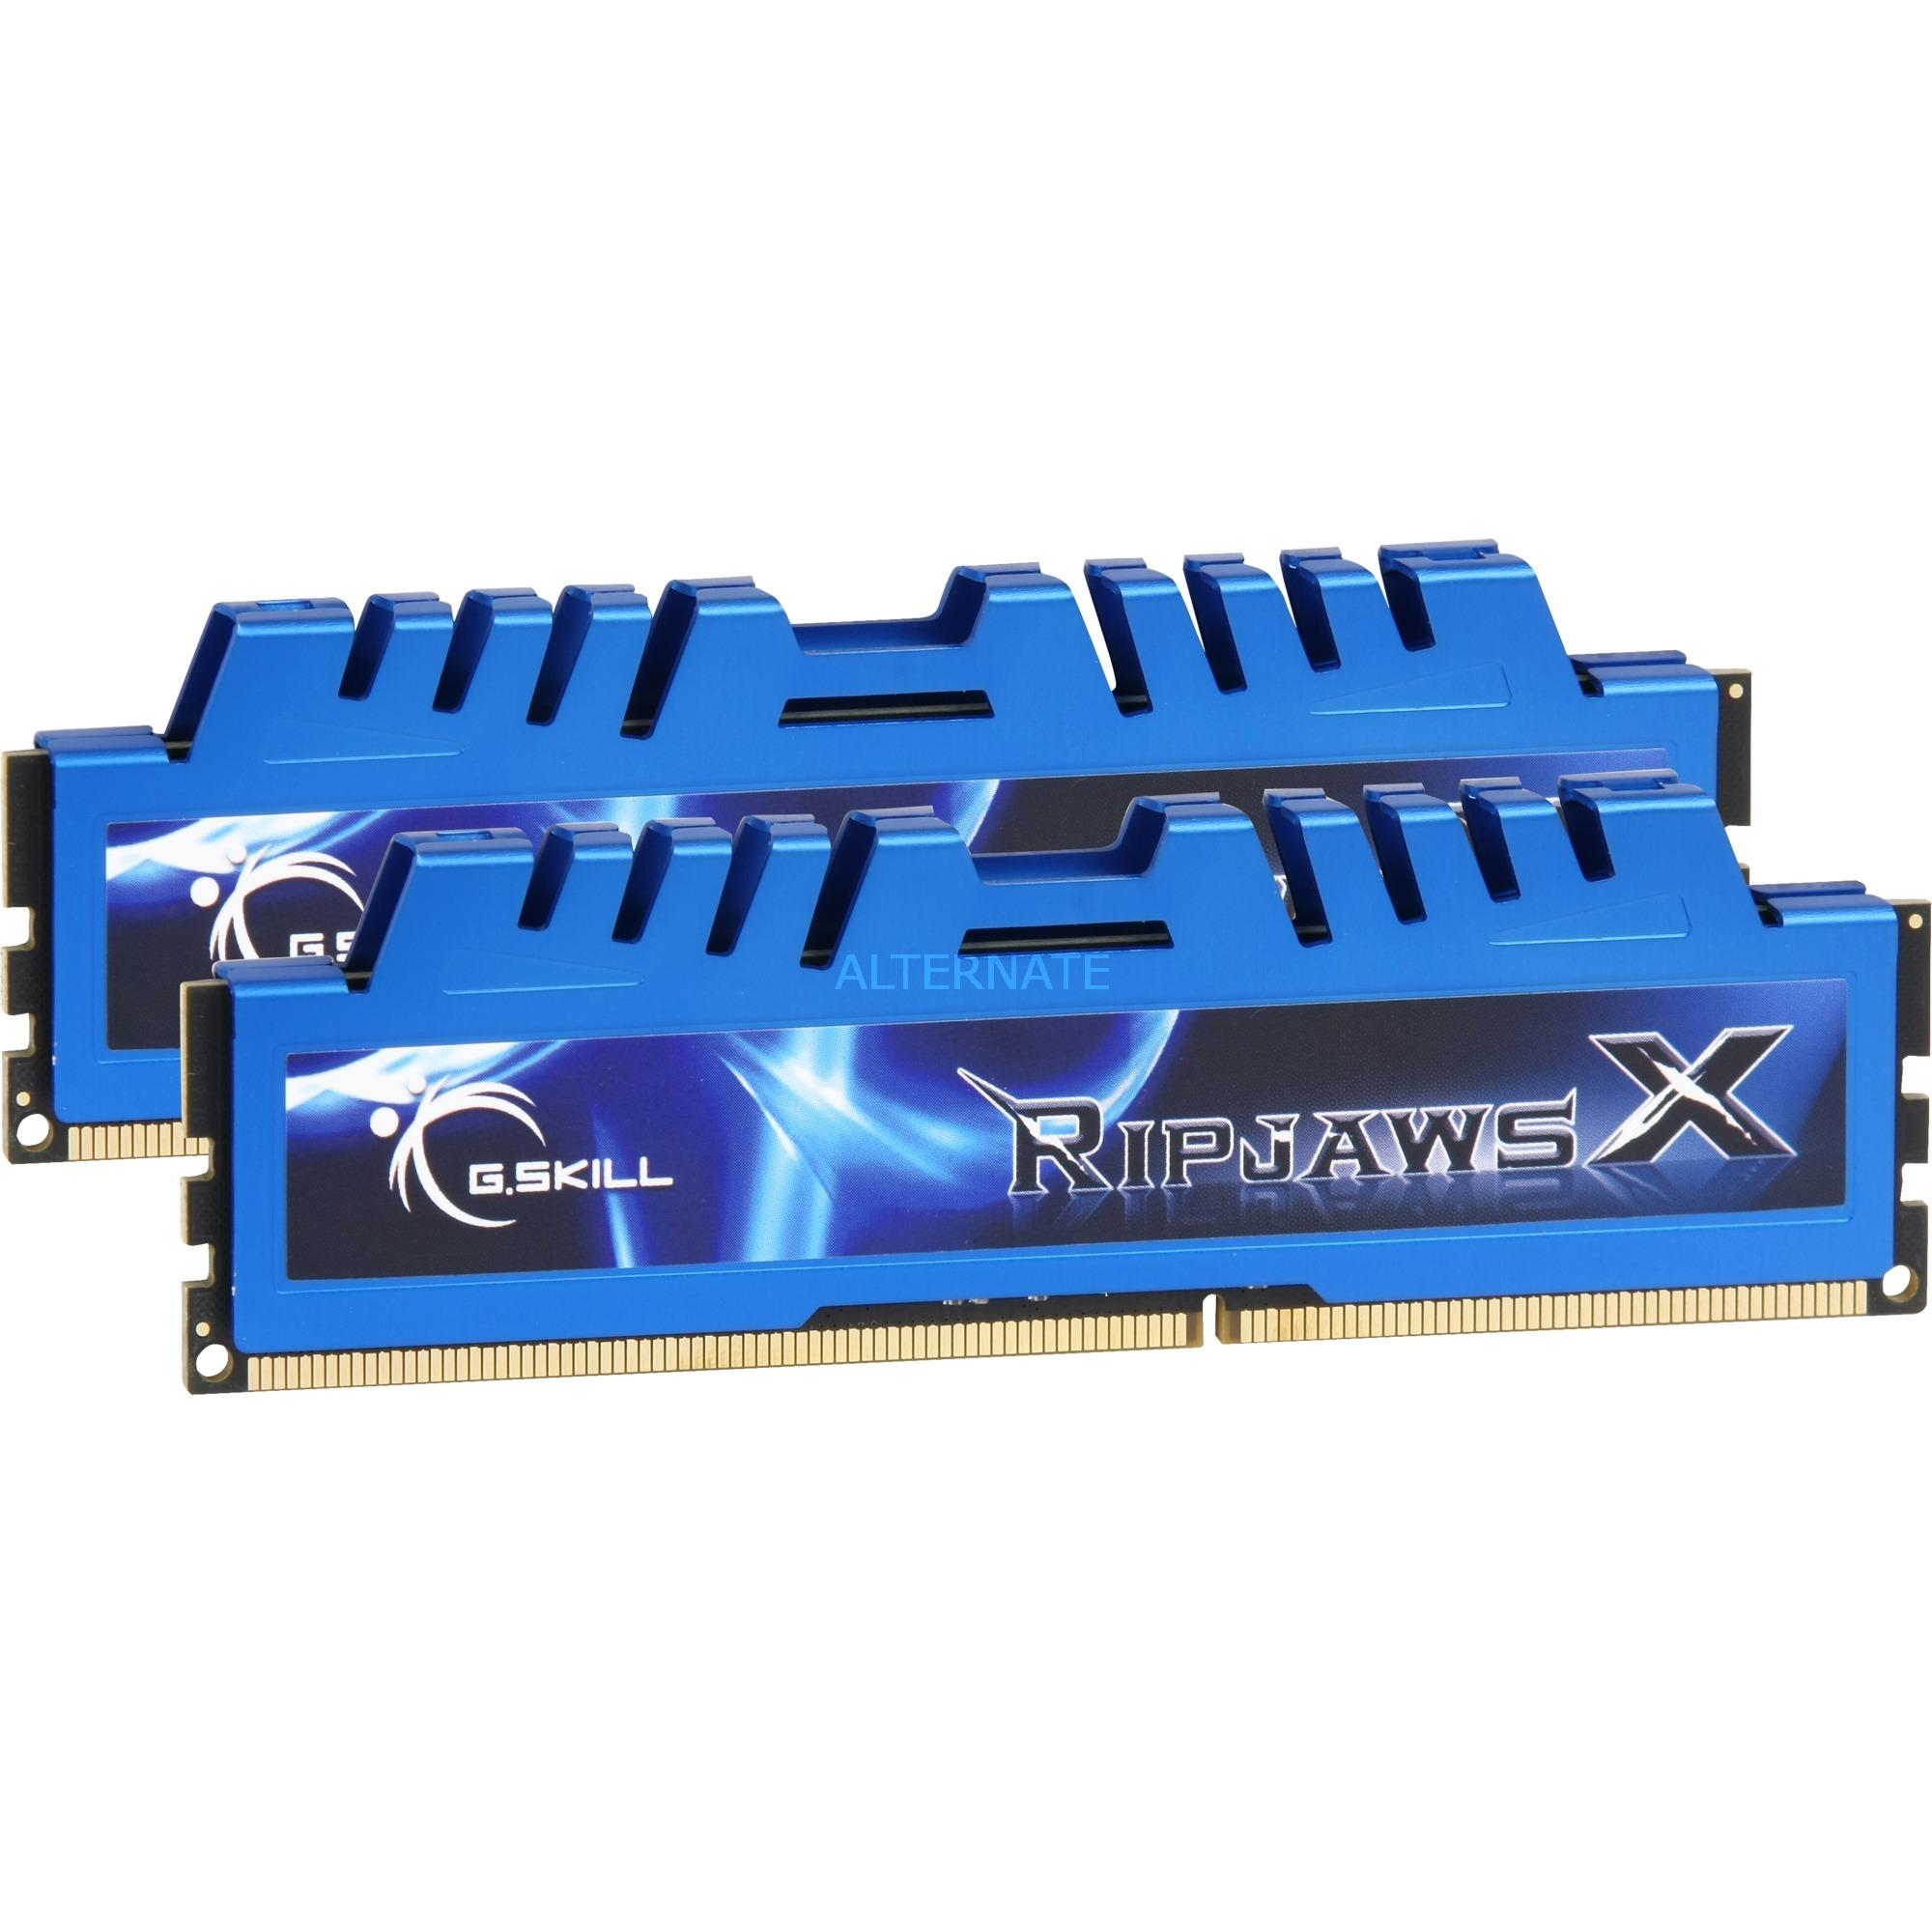 8GB DDR3-1600 RipjawsX 8Go DDR3 1600MHz module de mémoire